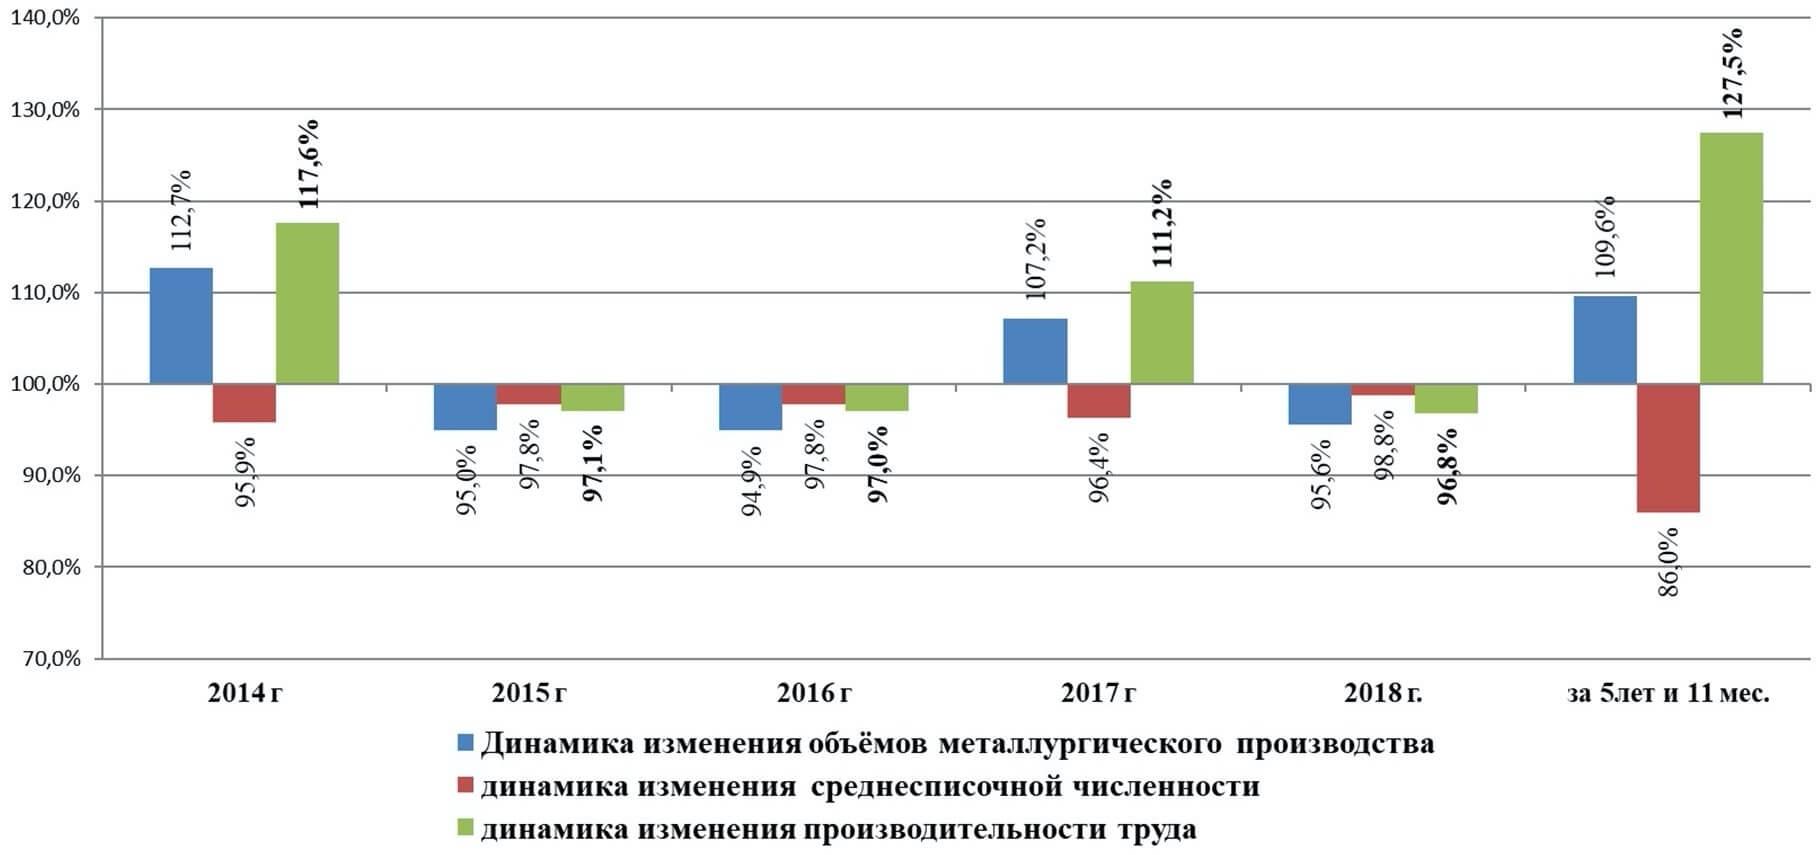 Динамика производительности труда с 2014 г. на предприятиях ГМК Челябинской области